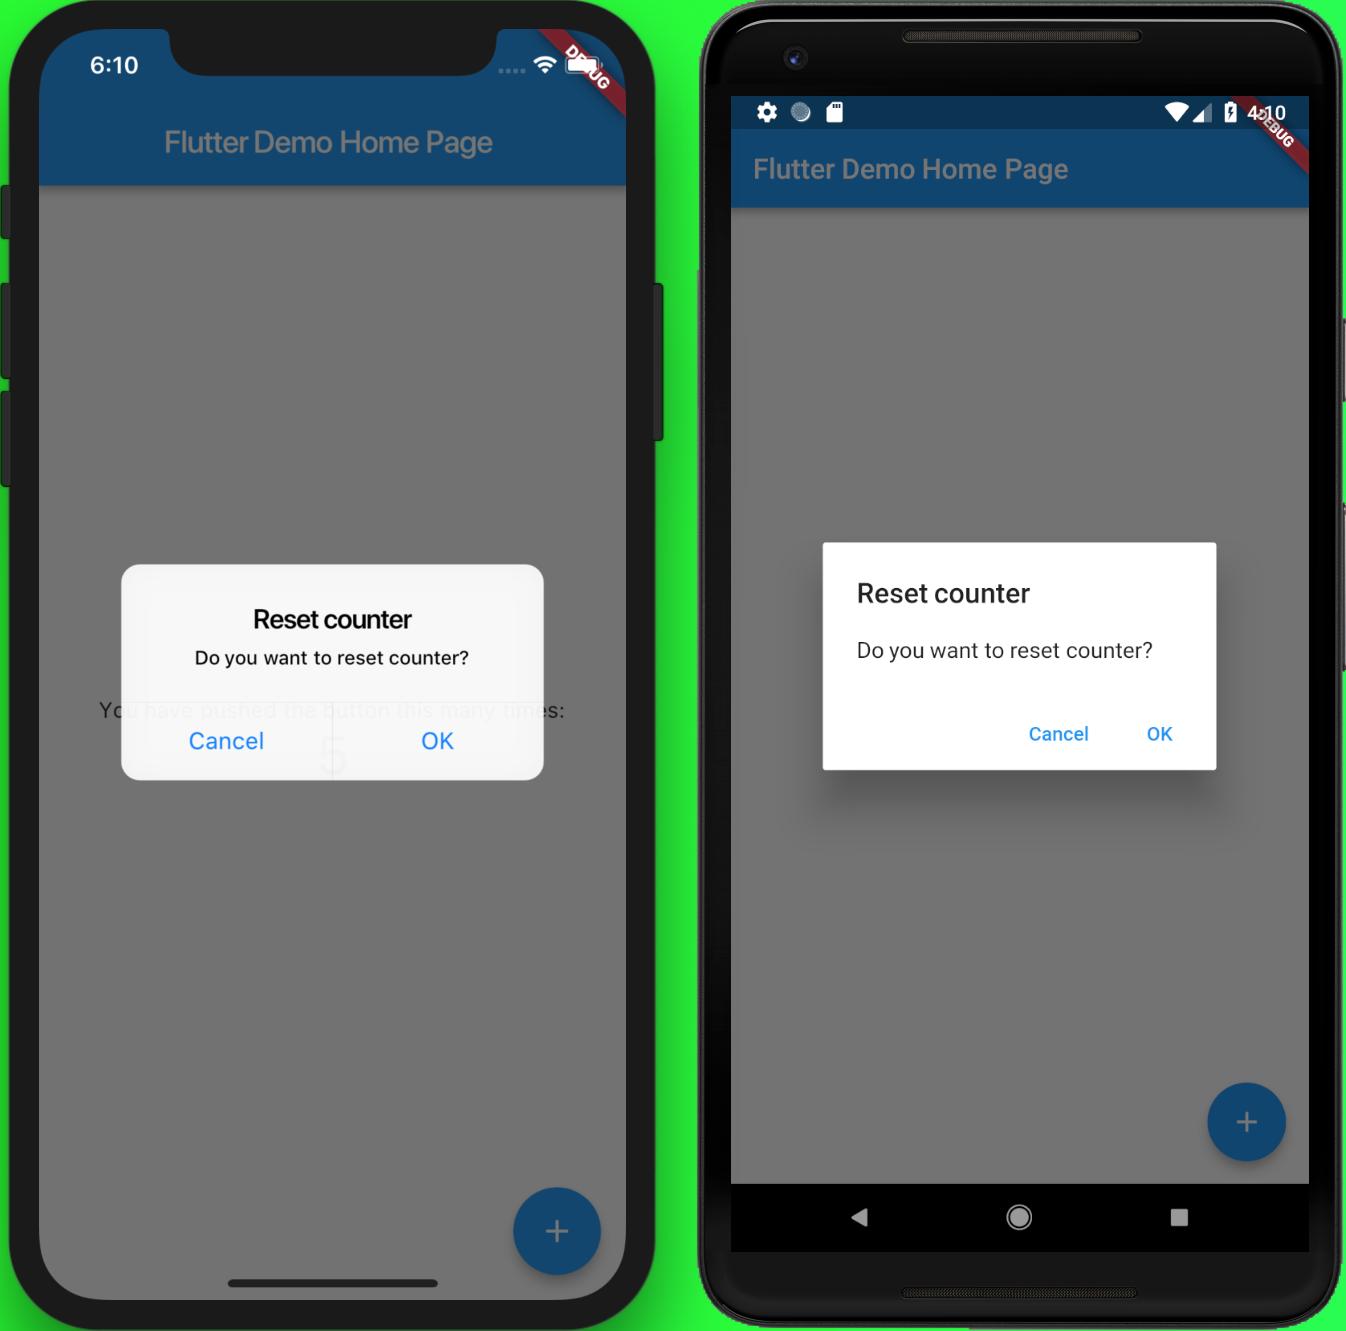 Let's Develop a Mobile App in Flutter